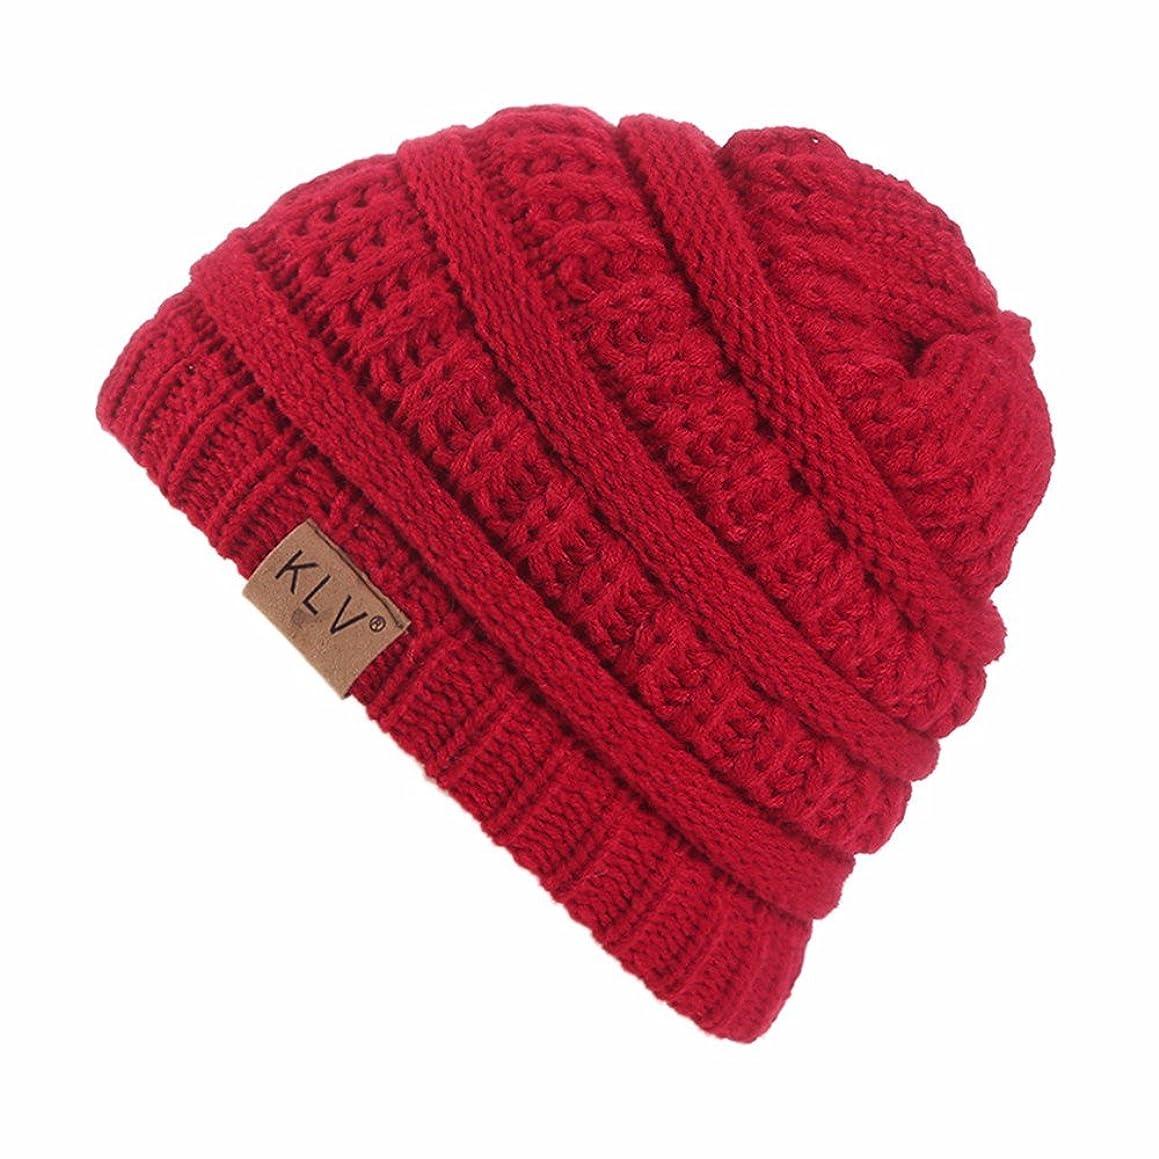 賞賛コメント差Racazing クリスマス Hat 選べる6 色 編み物 ニット帽 子供用 通気性のある 男女兼用 防風防寒对策 ニット帽 暖かい 軽量 屋外 クリスマス Unisex Cap (ワイン)